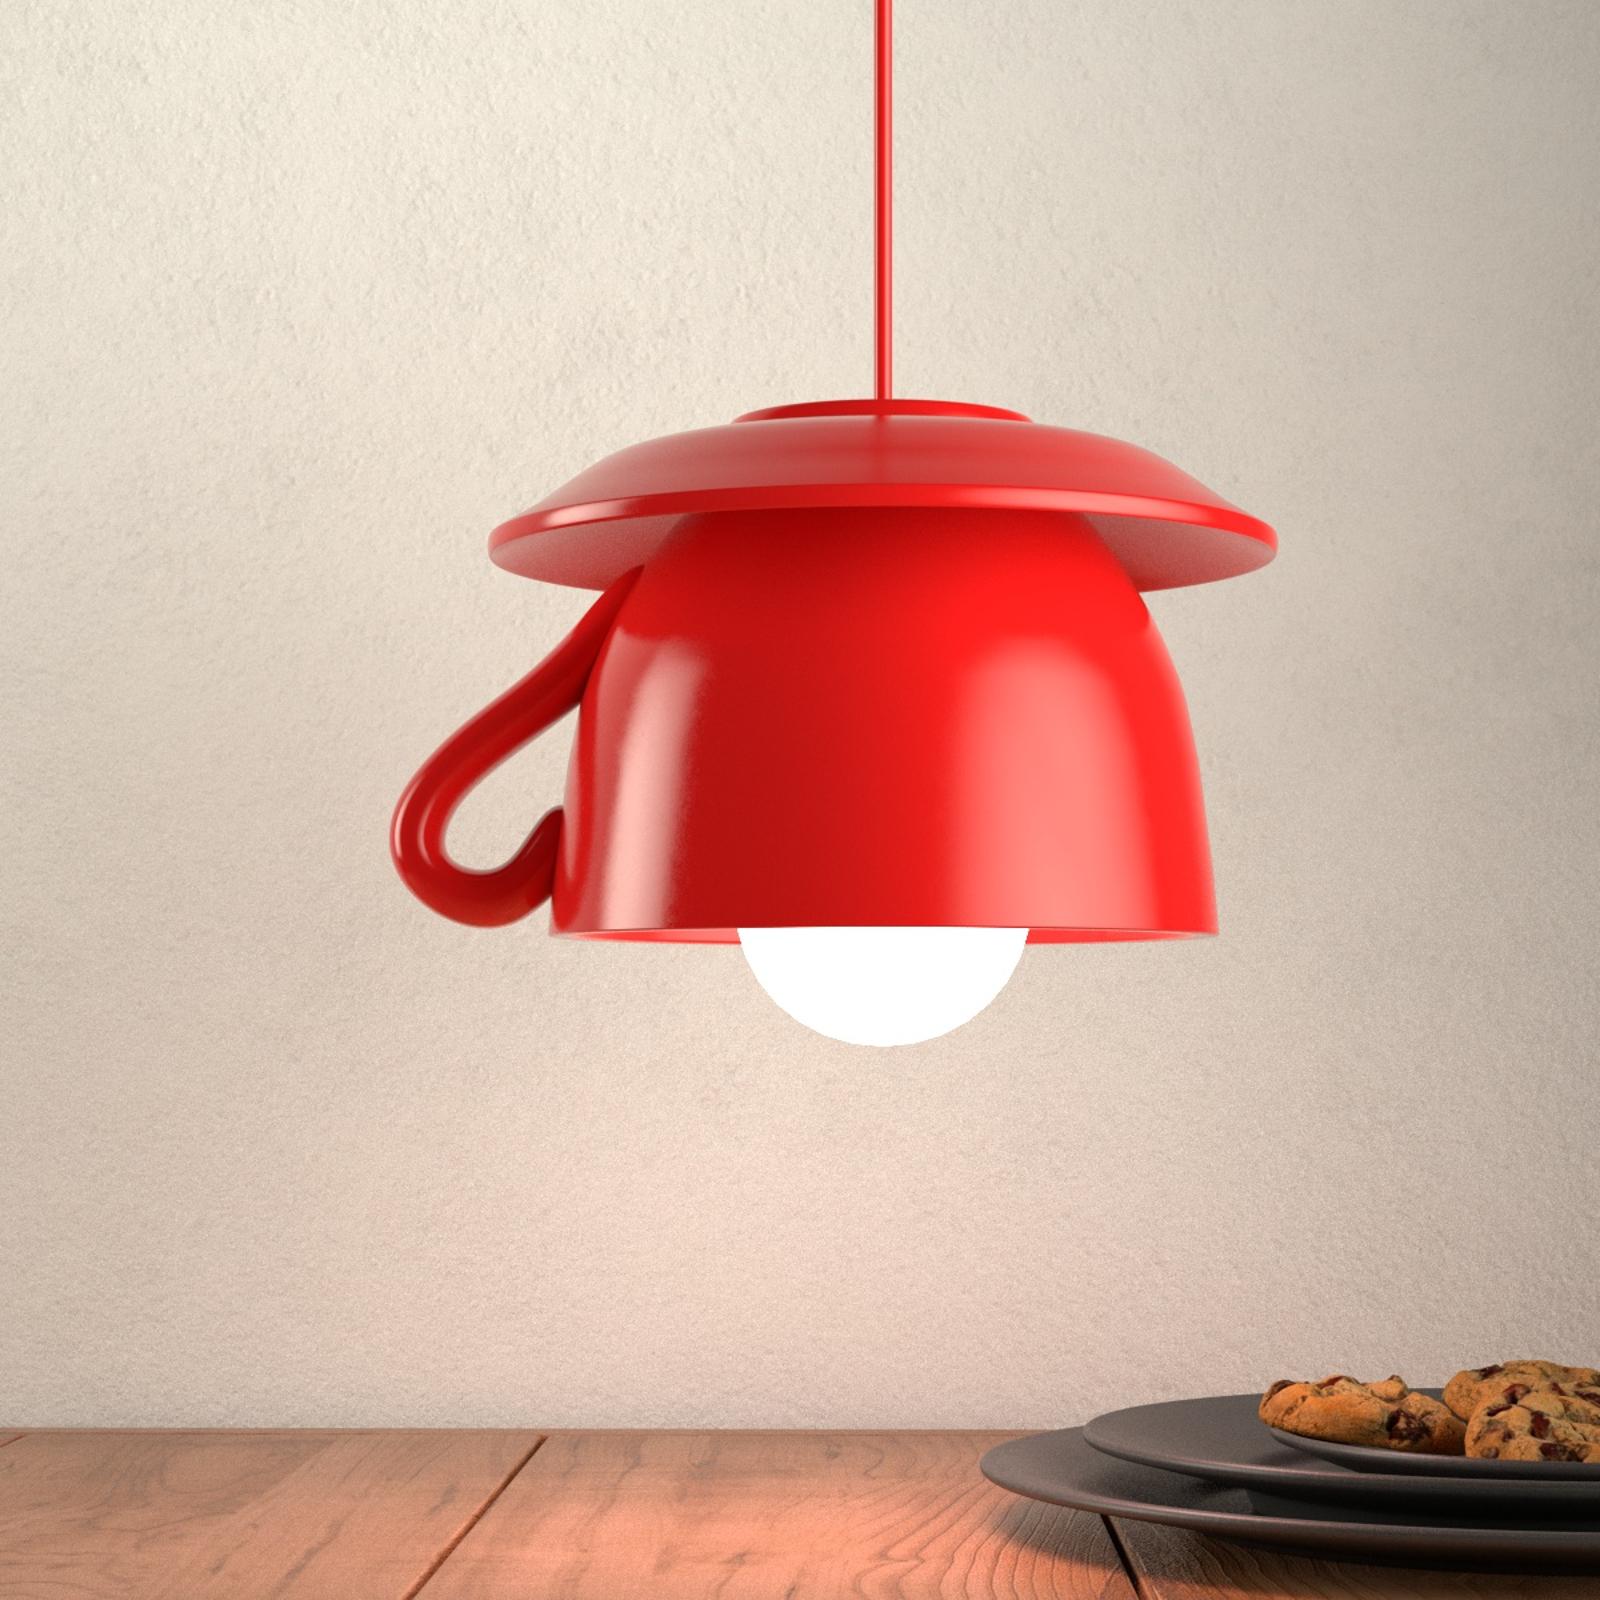 Tazza – červená keramická závesná lampa do kuchyne_3046271_1